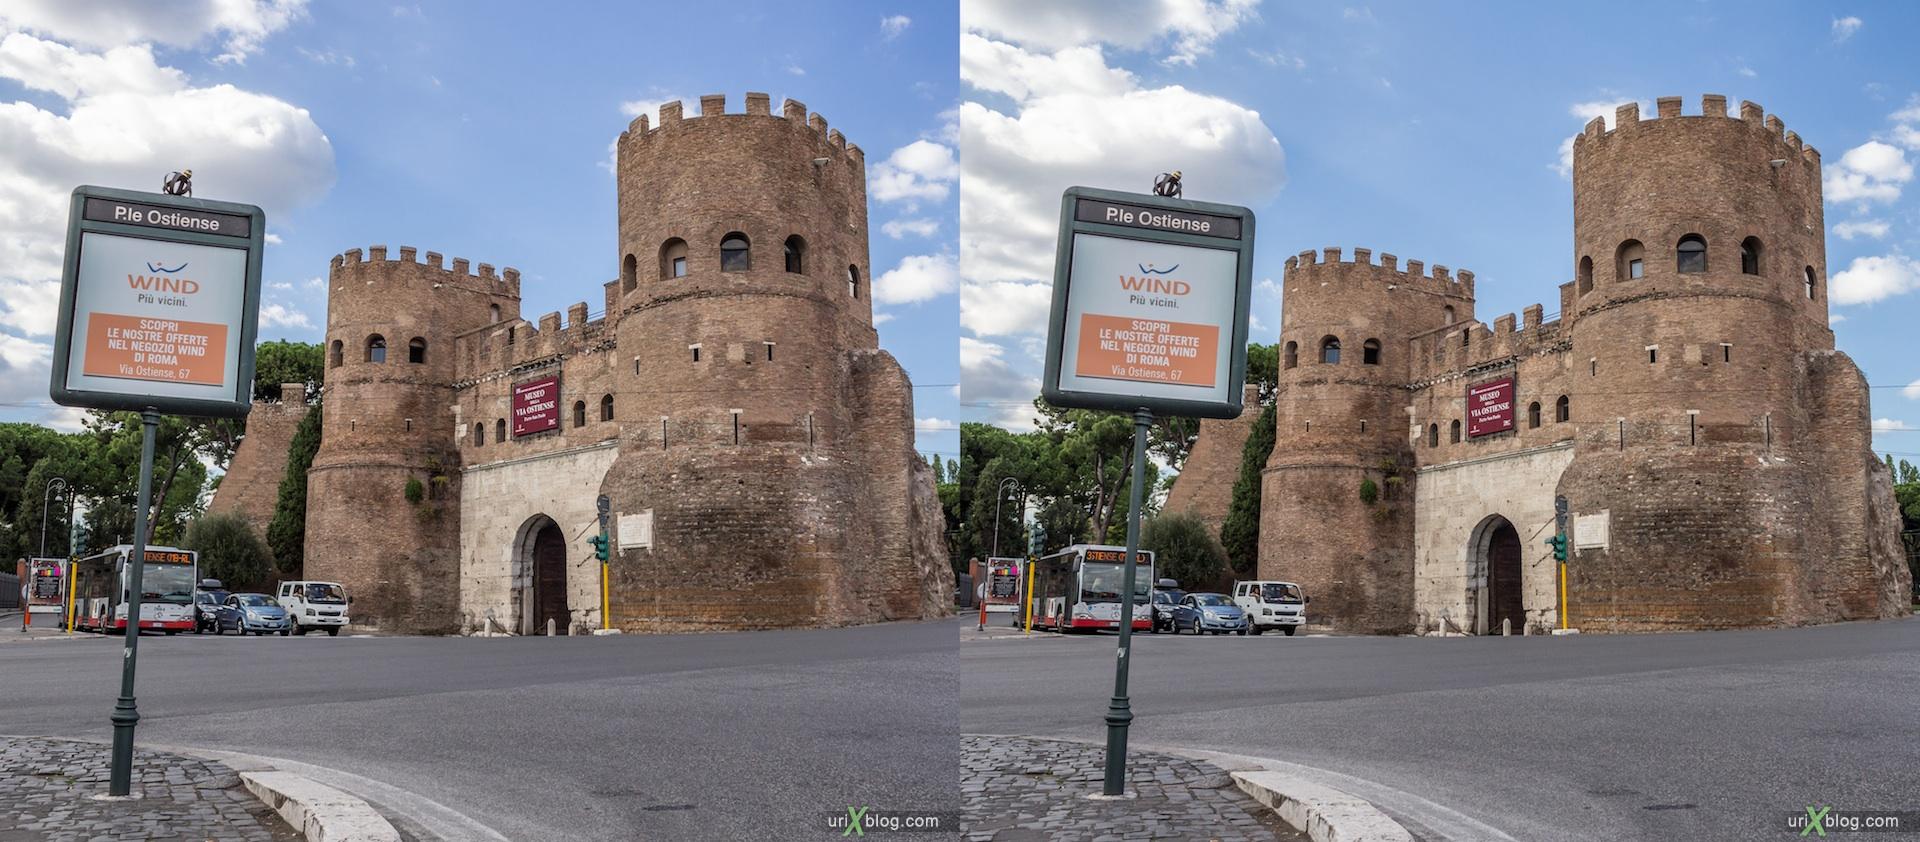 2012, Ворота Сан Паоло, Пирамида Цестия, Рим, Италия, осень, 3D, перекрёстные стереопары, стерео, стереопара, стереопары